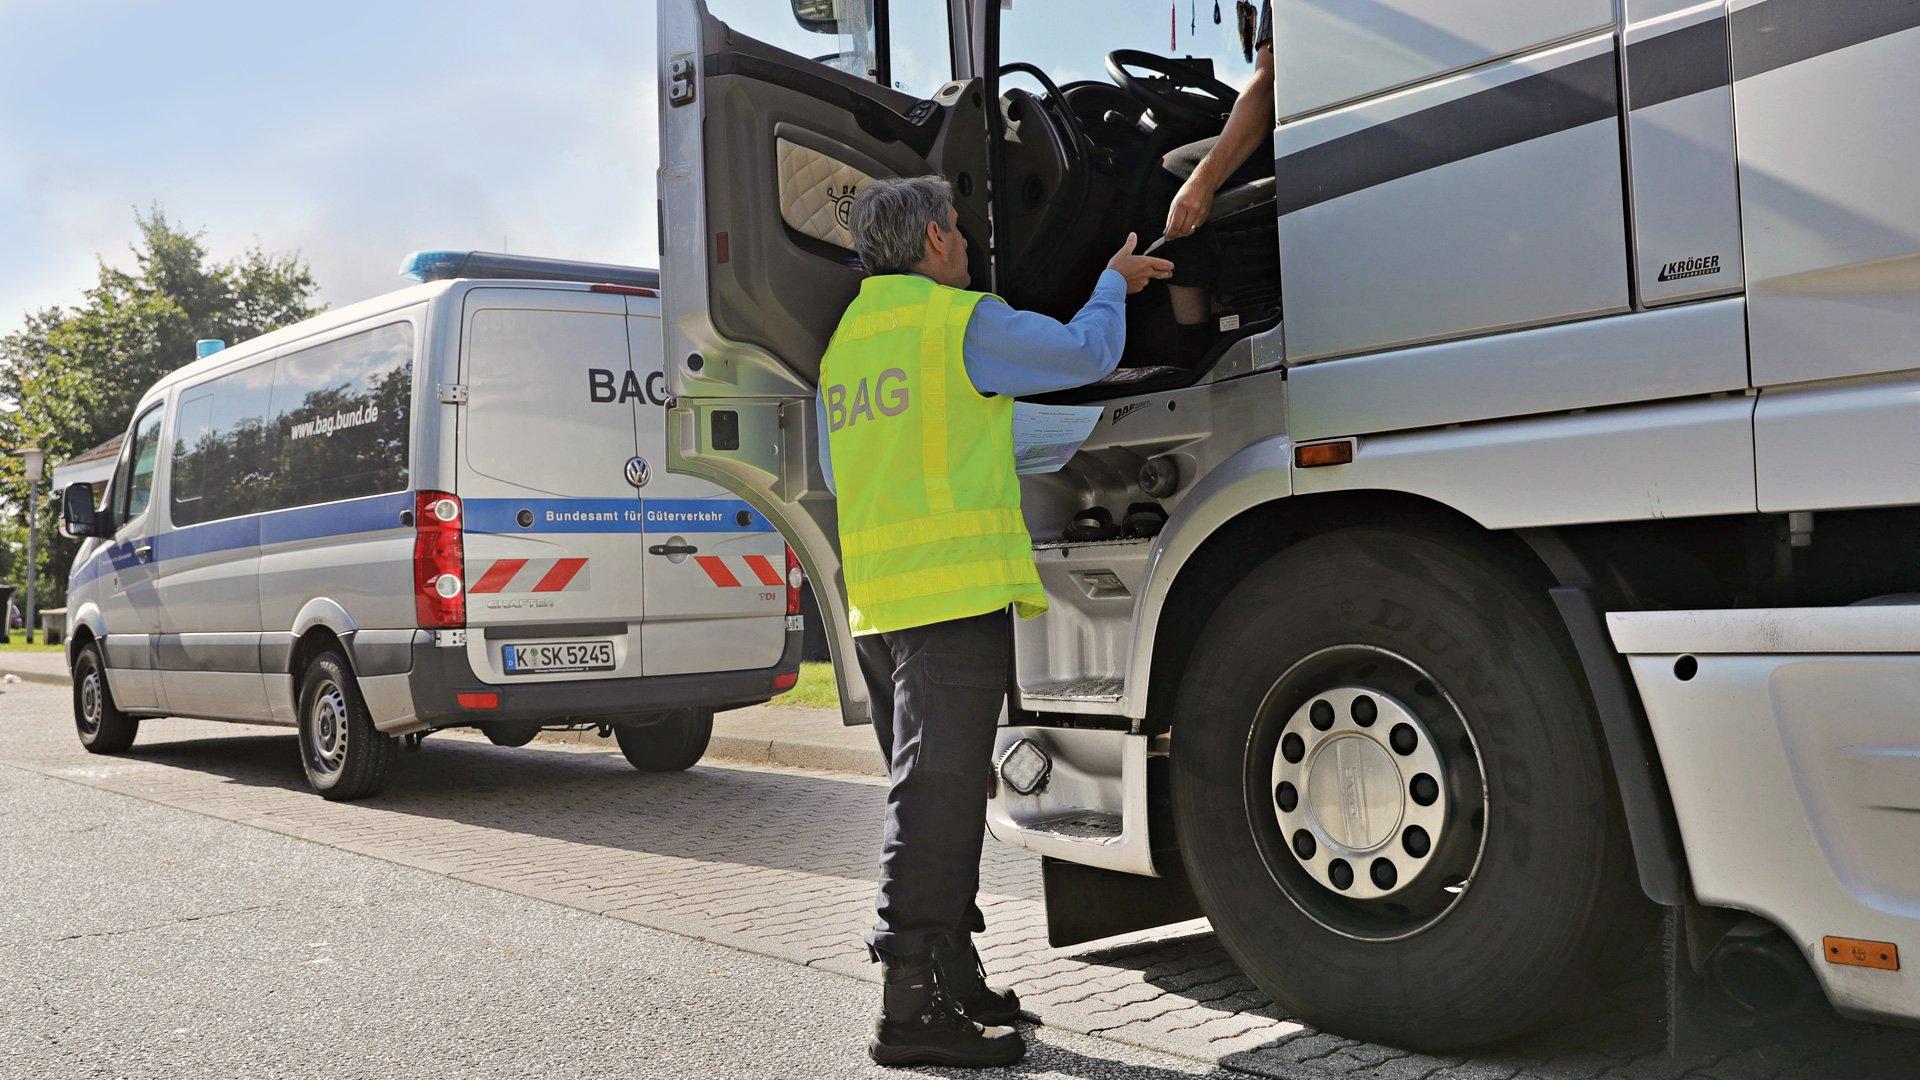 Дальнобойщикам-иностранцам снизили штрафы в Германии: немецкие водители негодуют, но это справедливо